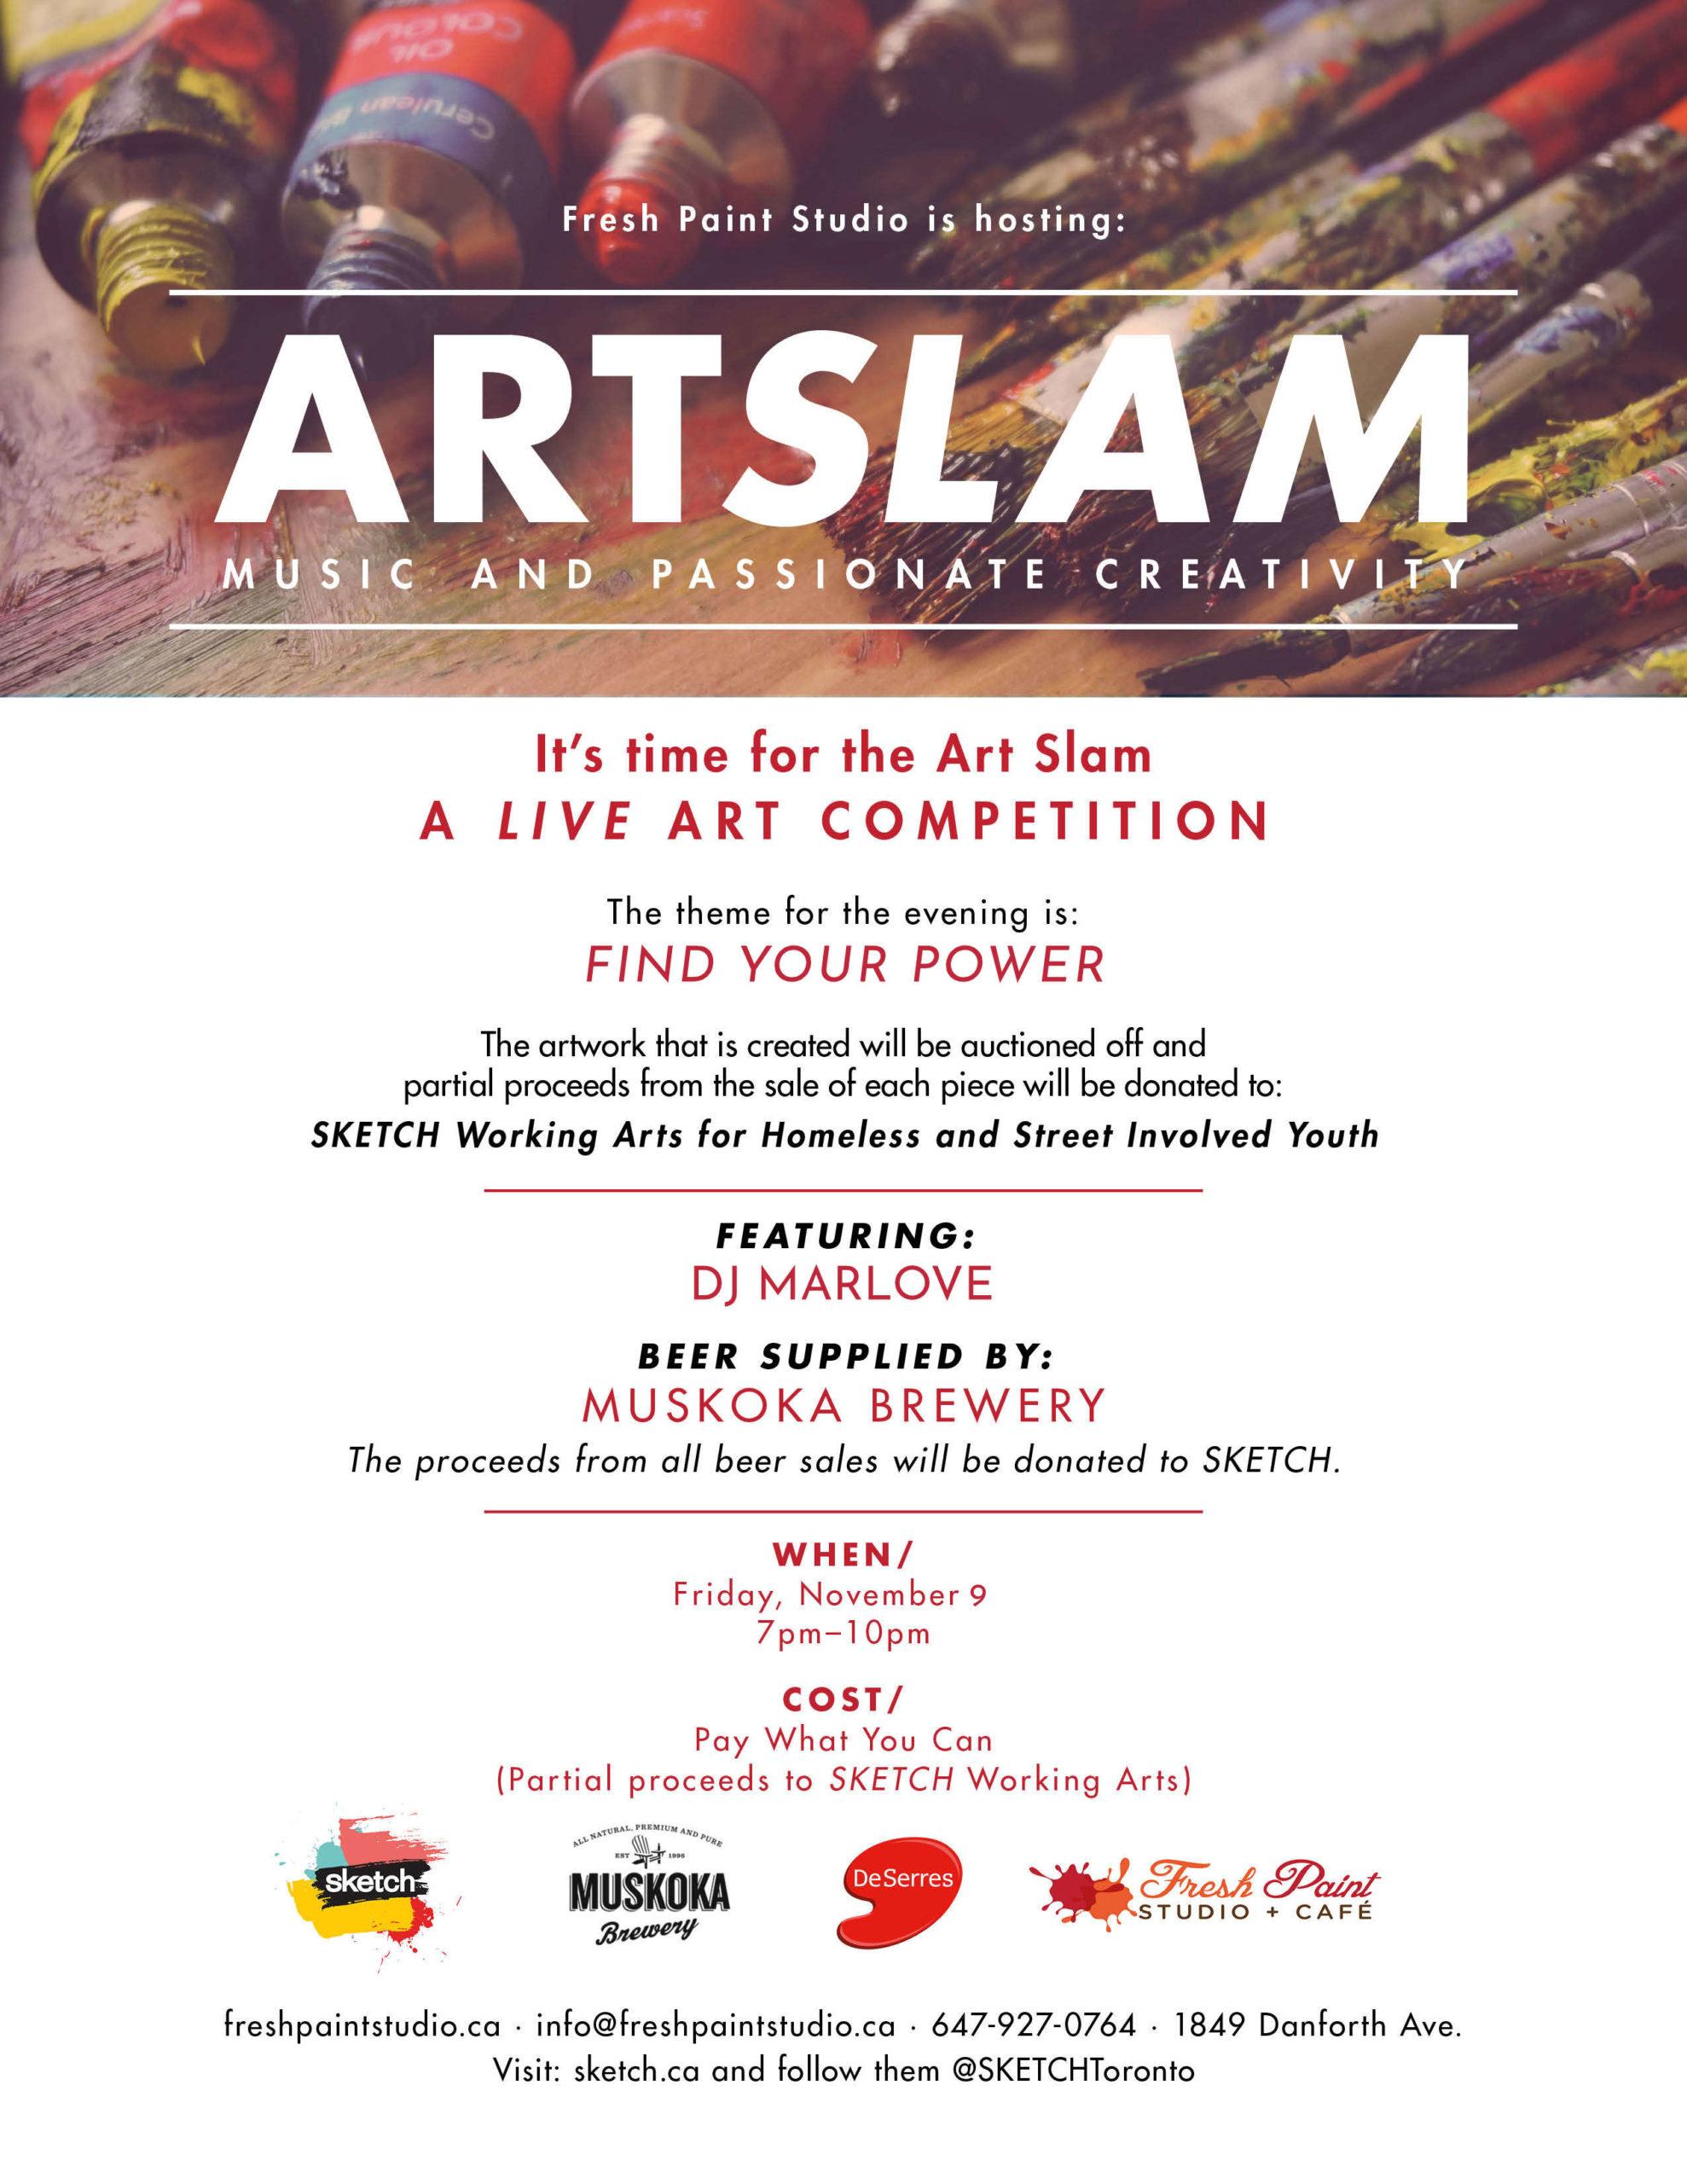 The ART SLAM